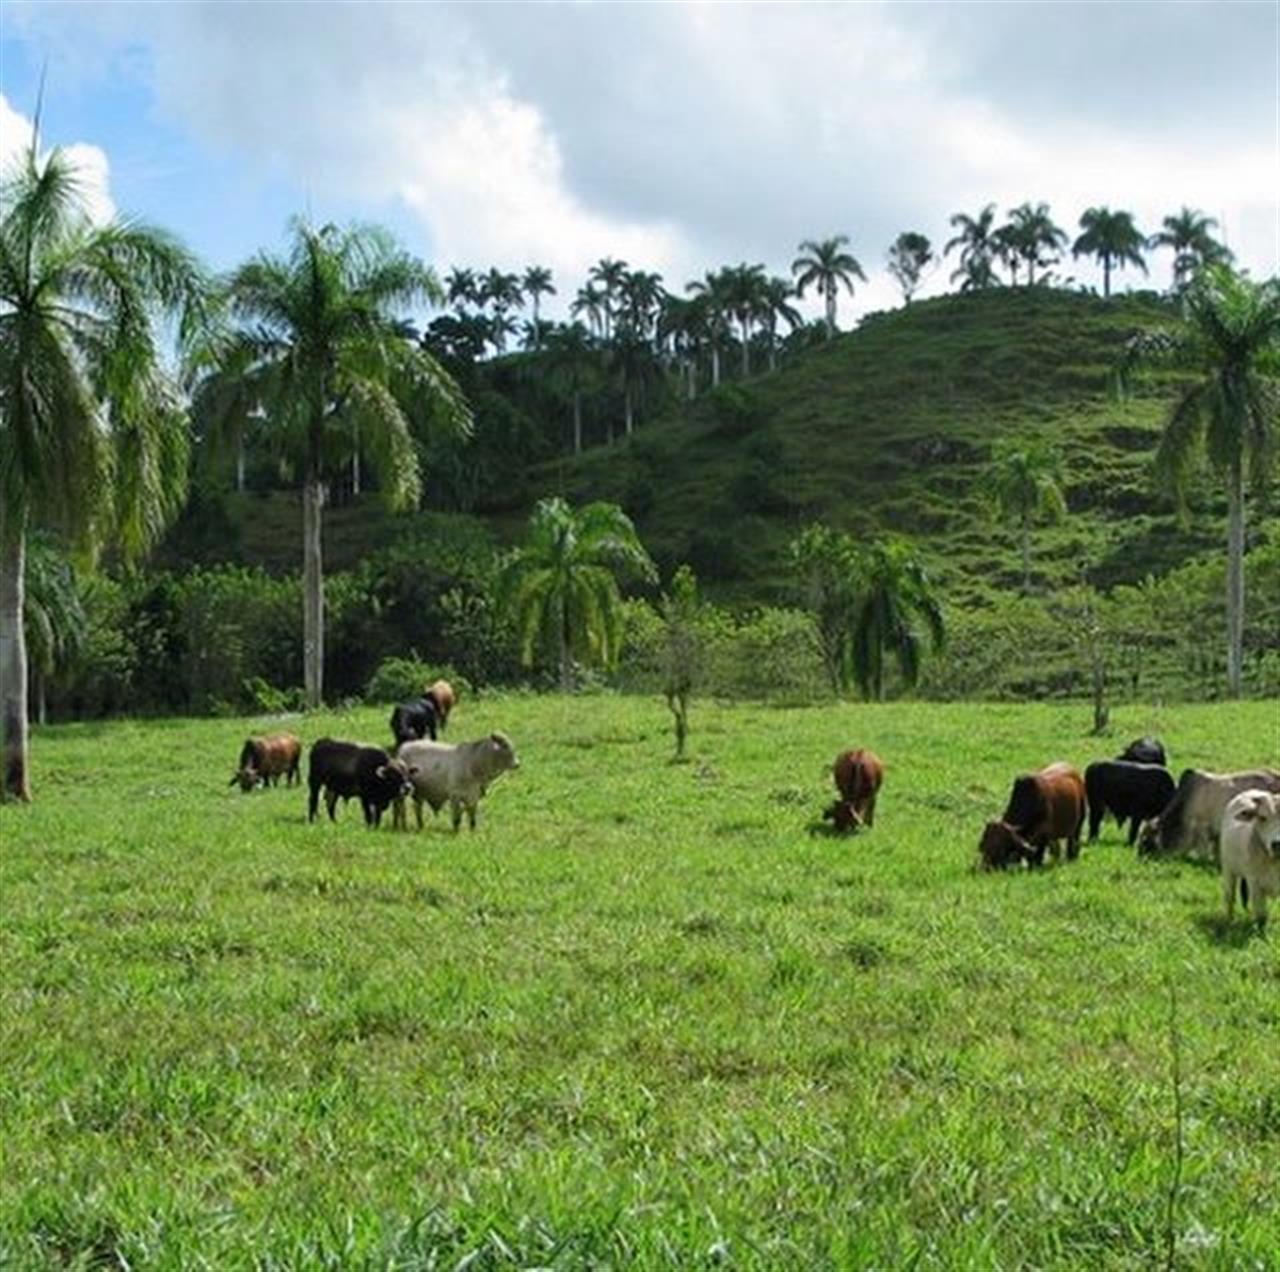 Beautiful farmland in the hills of Abreu near Cabrera for sale. Click on the bio above ?to get more details. #farmland #farm #farming #domininicanrepublicrealestate #Cabrera #cattleranch #cattleranching #leadingrelocal